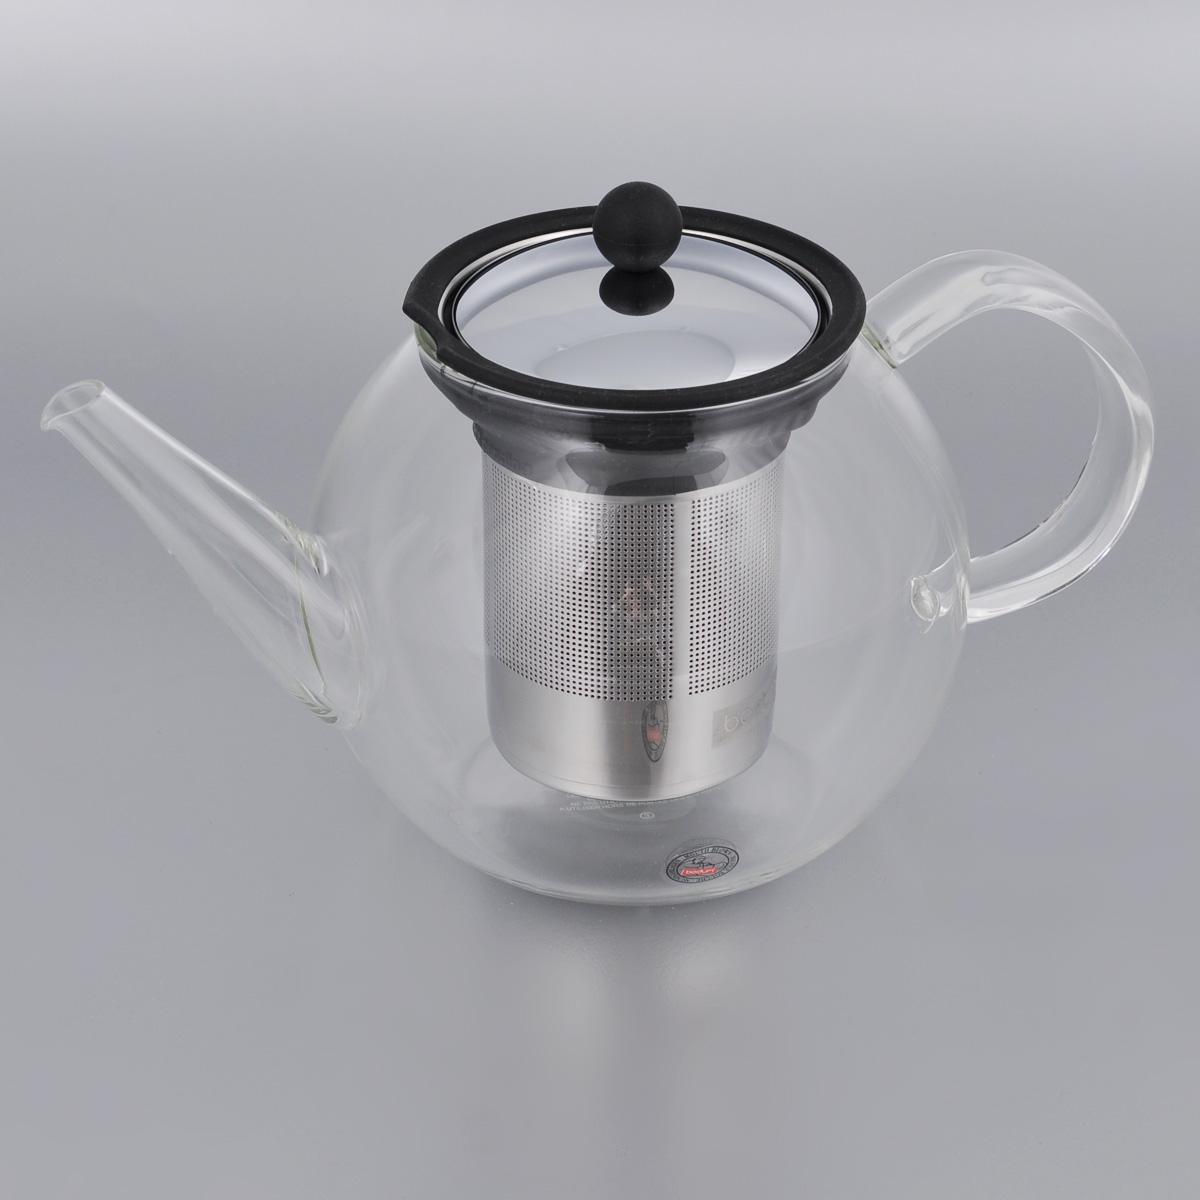 Френч-пресс Bodum Shin Cha, 1 л54 009312Френч-пресс Bodum Shin Cha выполнен из термостойкого стекла. Чайник оснащен фильтром-сеткой и прессом, выполненными из нержавеющей стали. Засыпая чайную заварку в фильтр-сетку и заливая ее горячей водой, вы получаете ароматный чай с оптимальной крепостью и насыщенностью. Остановить процесс заварки чая легко. Для этого нужно просто опустить поршень, и заварка уйдет вниз, оставляя вверху напиток, готовый к употреблению. Френч-пресс Bodum Shin Cha займет достойное место на вашей кухне и позволит вам заварить свежий, ароматный чай.Диаметр (по верхнему краю): 9 см.Высота (без учета крышки): 12,5 см.